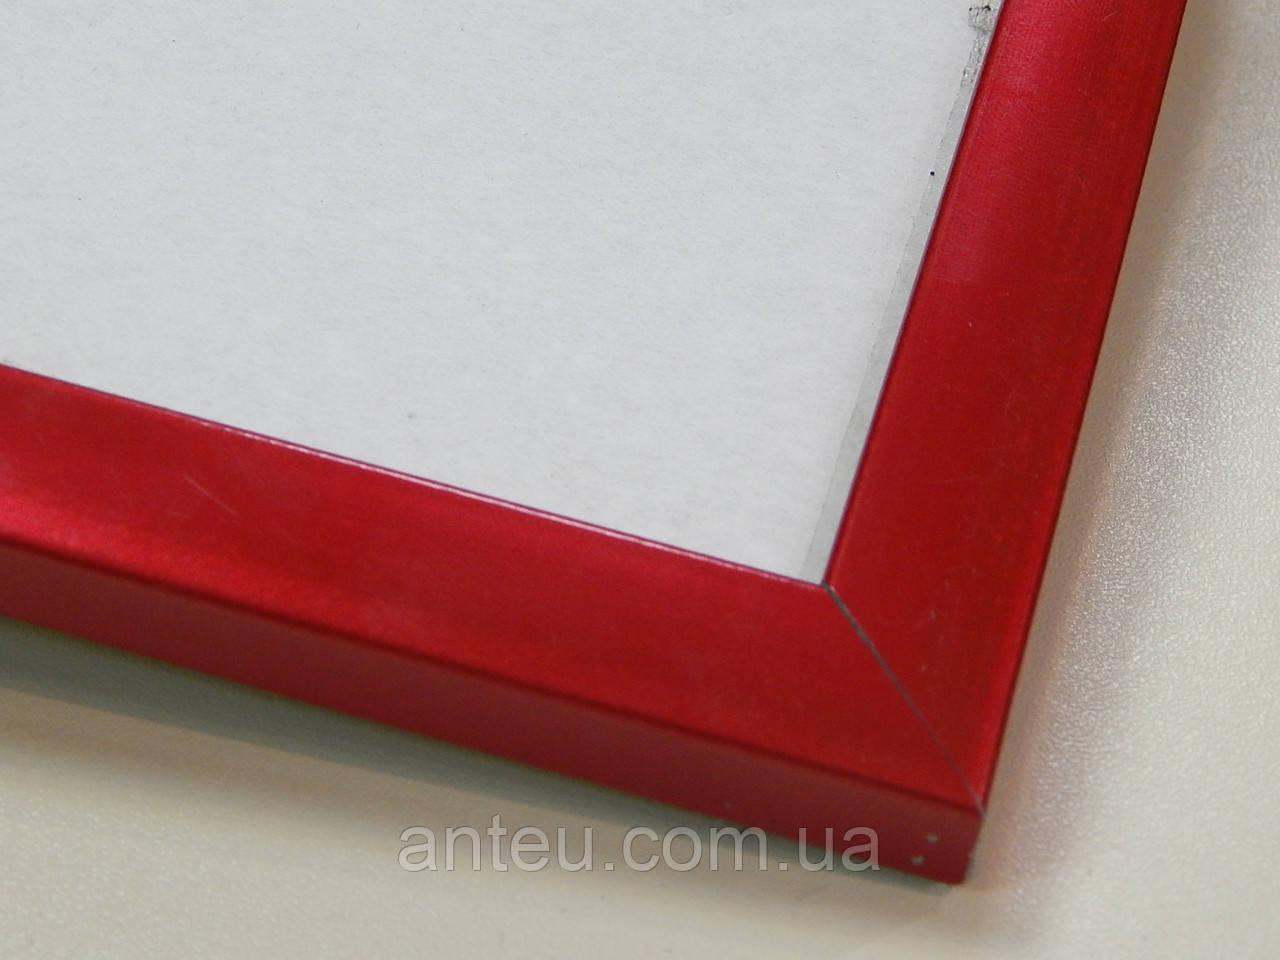 Рамка А3 (297х420).Профиль 16 мм.Красный металлик.